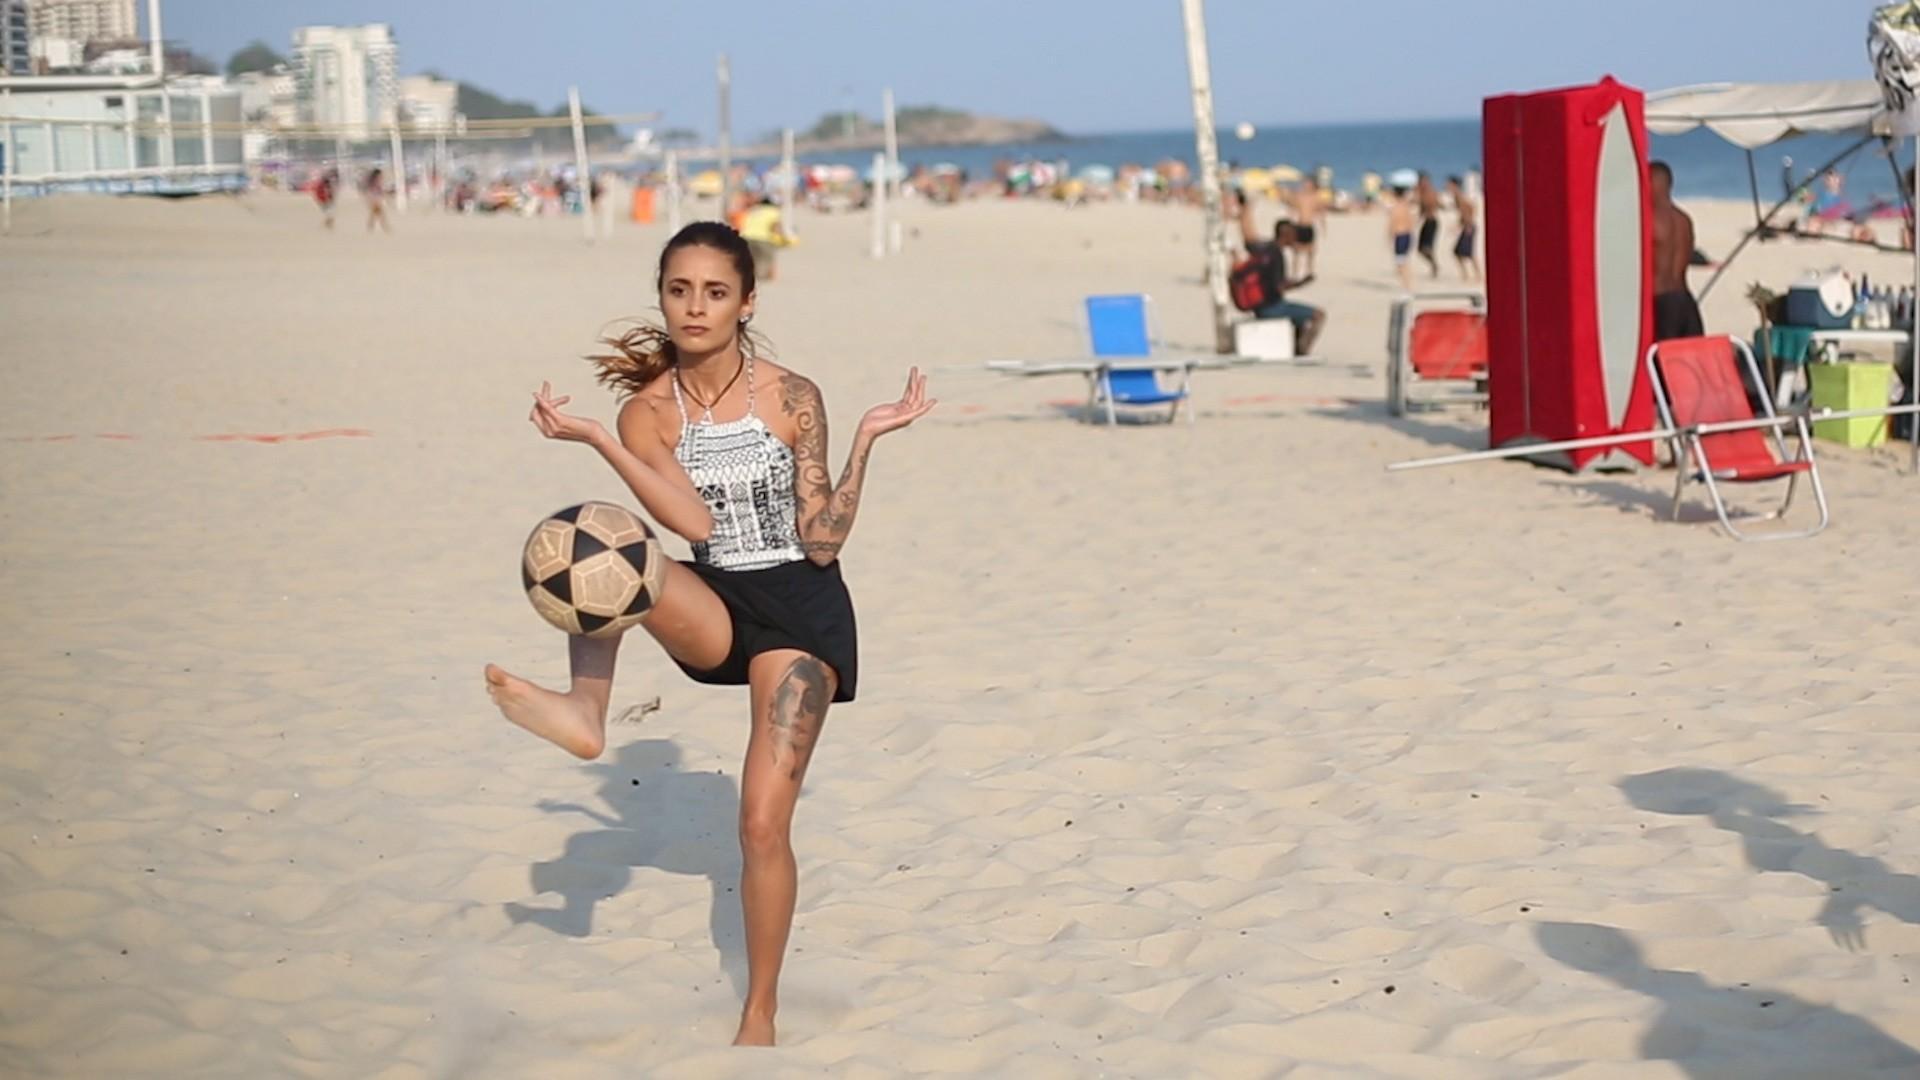 Layssa fez escolinha no Porto 9, em Ipanema, antes de se aventurar nas rodas de final de semana